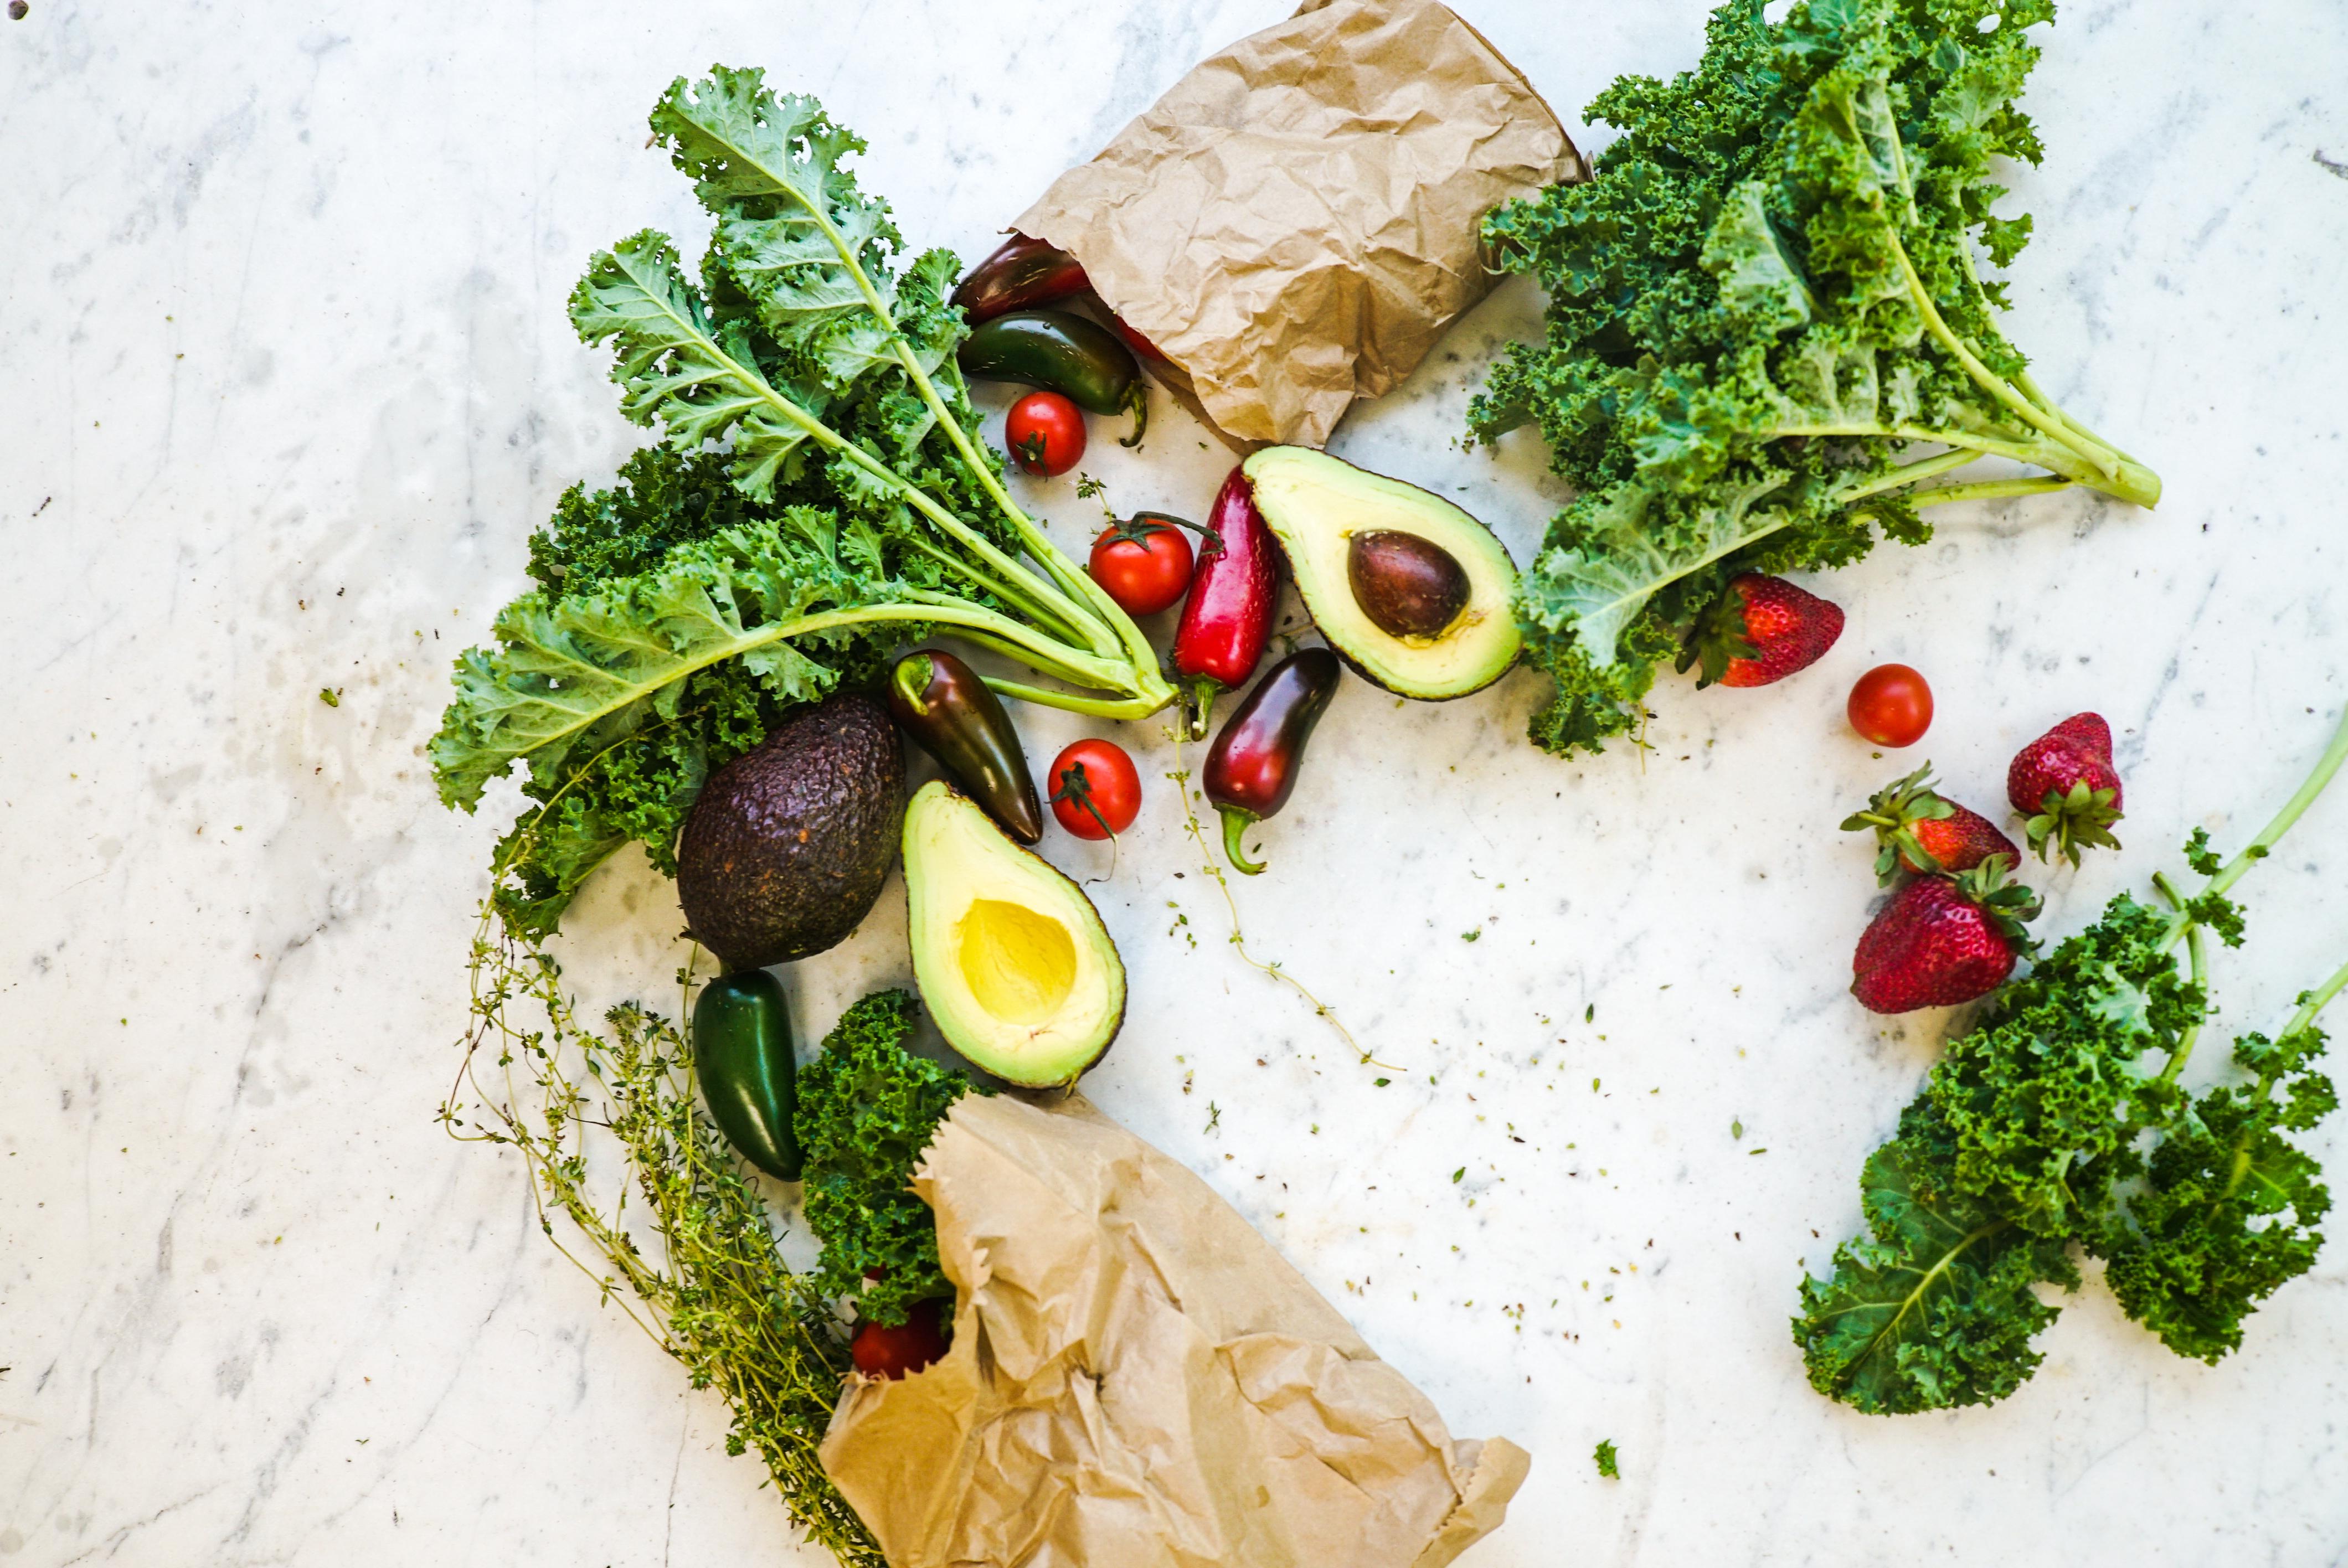 Luôn sử dụng các nguyên liệu lành mạnh để chế biến thức ăn